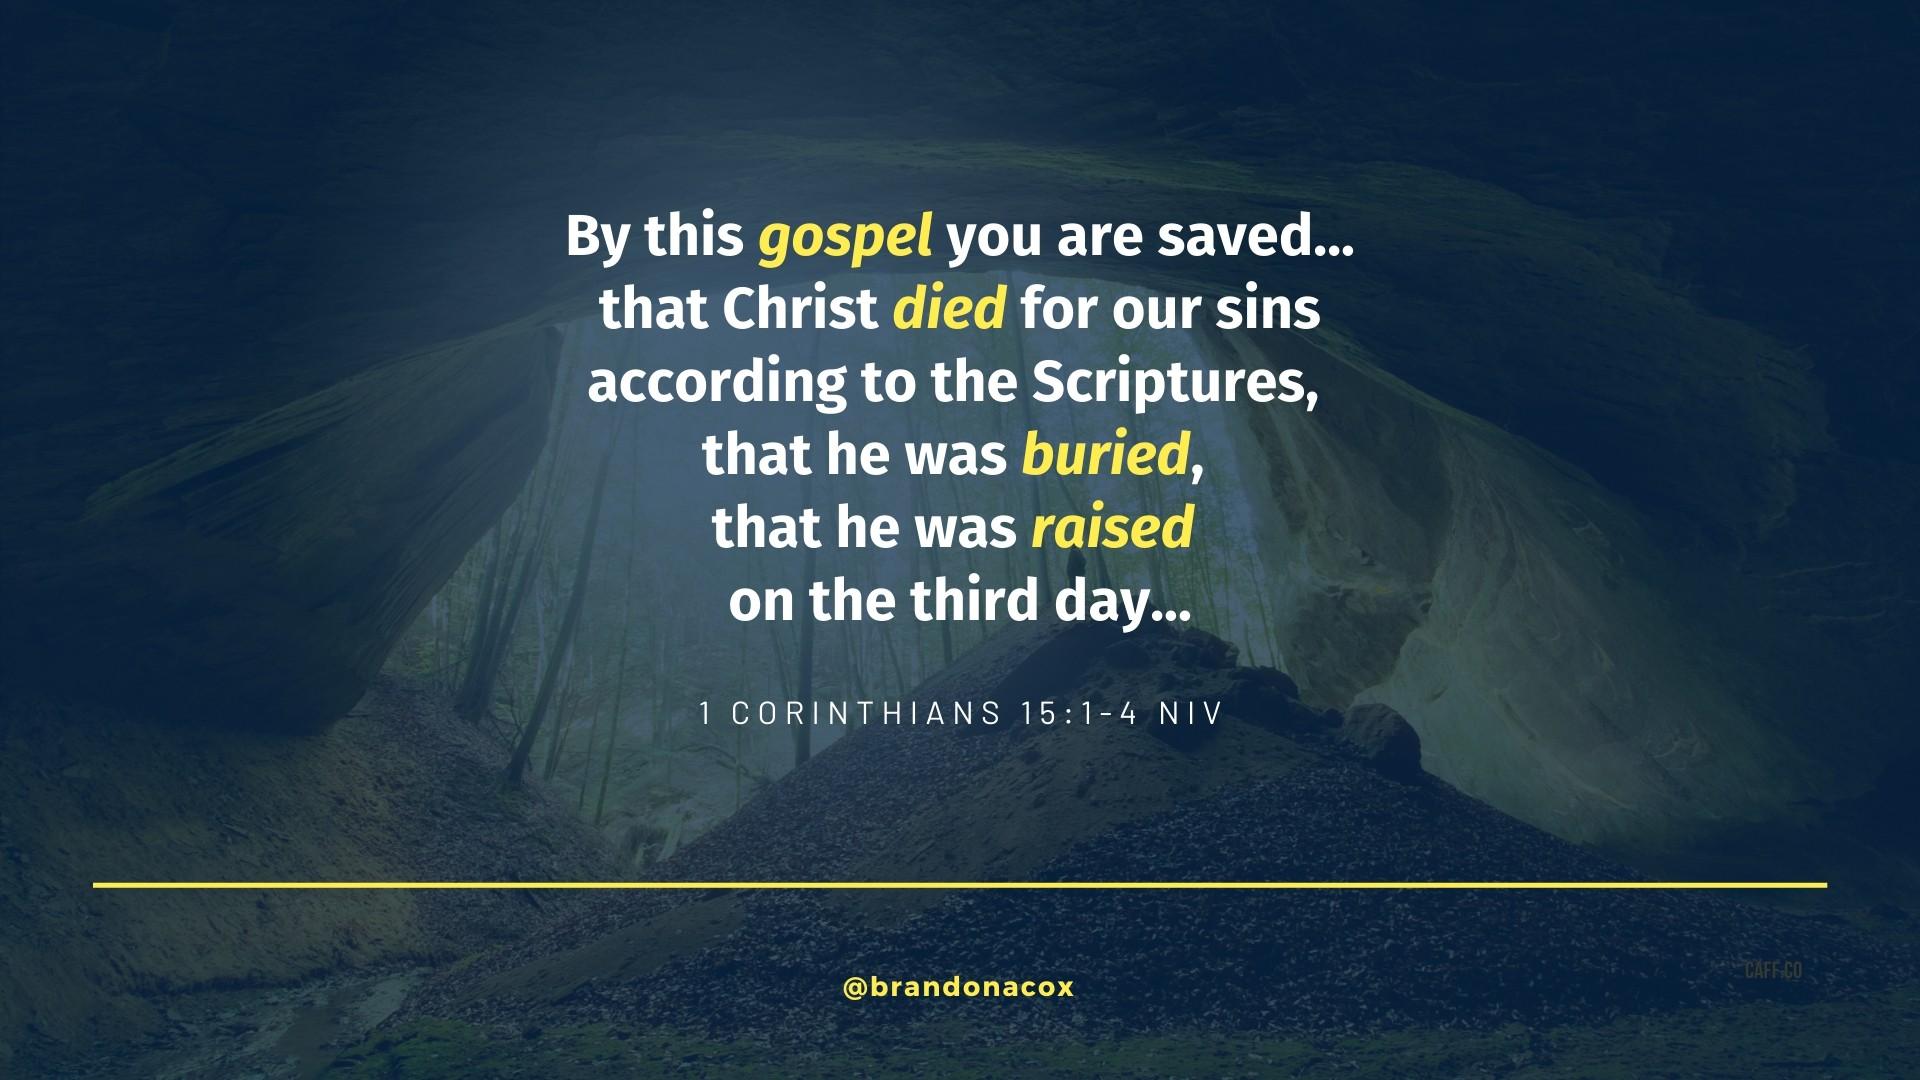 This Gospel